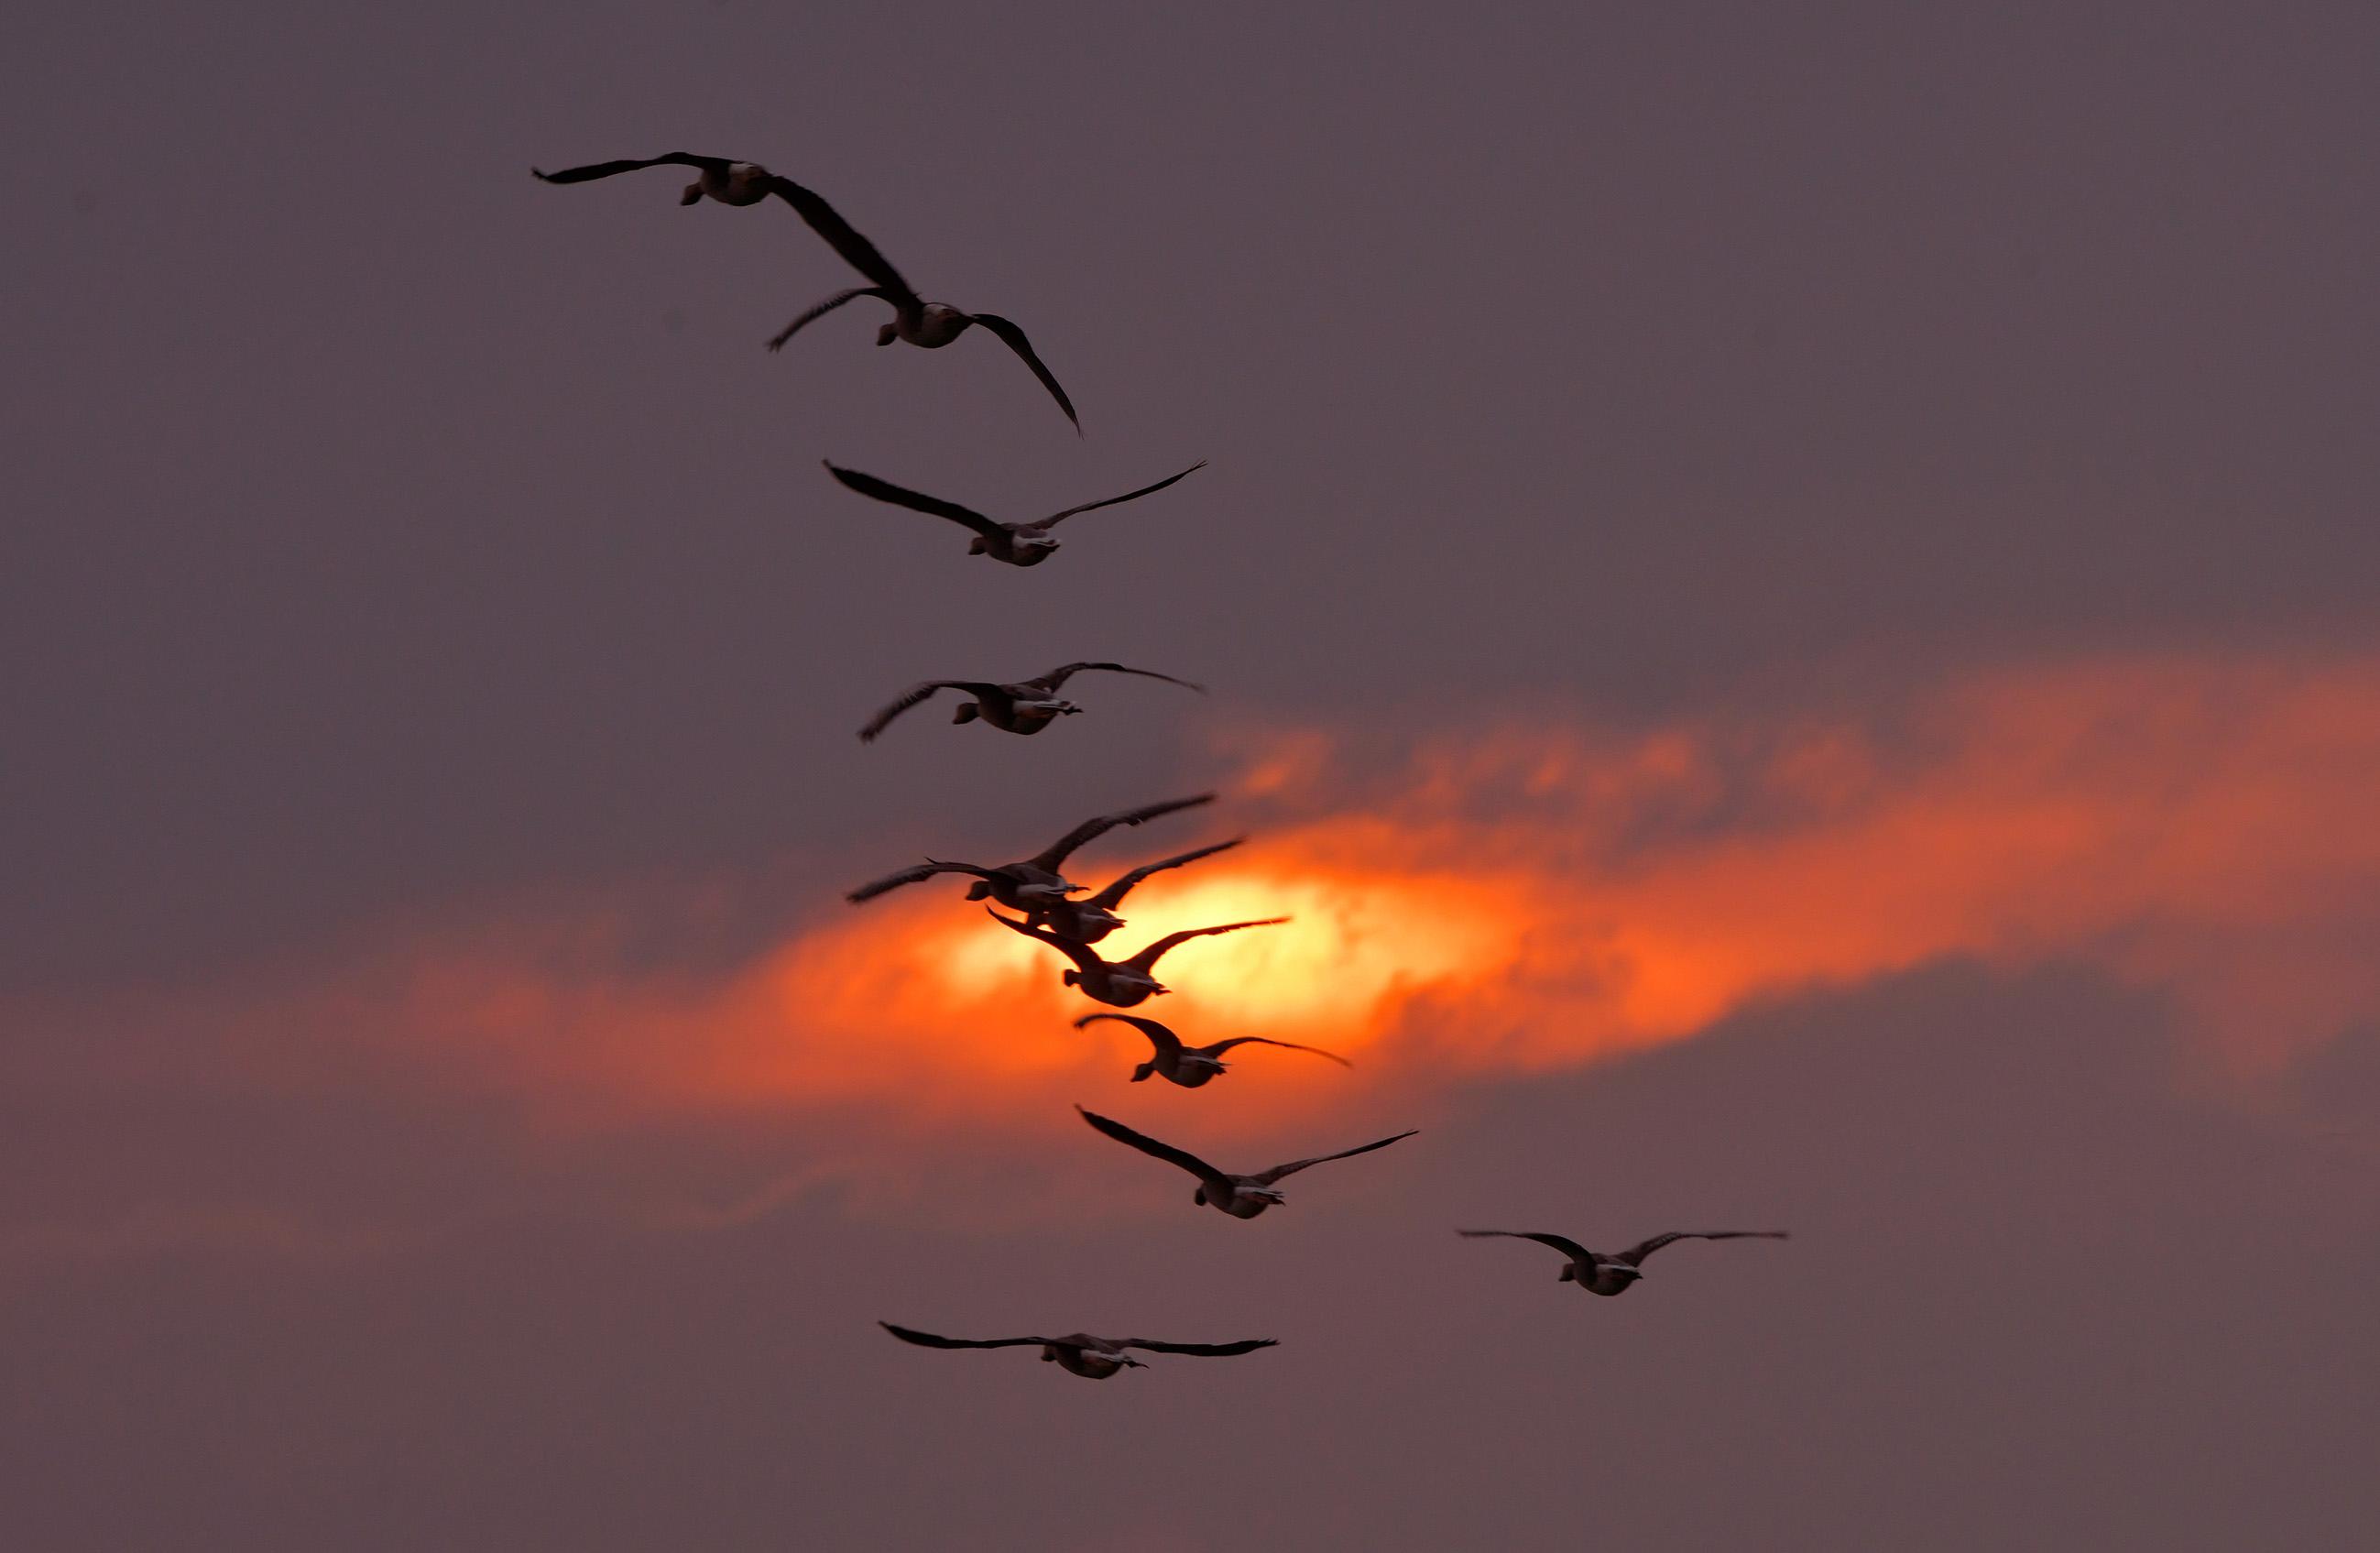 Een vlucht wilde ganzen met een laatste streep zonlicht aan een bewolkte de avondhemel - Foto: ©Louis Fraanje